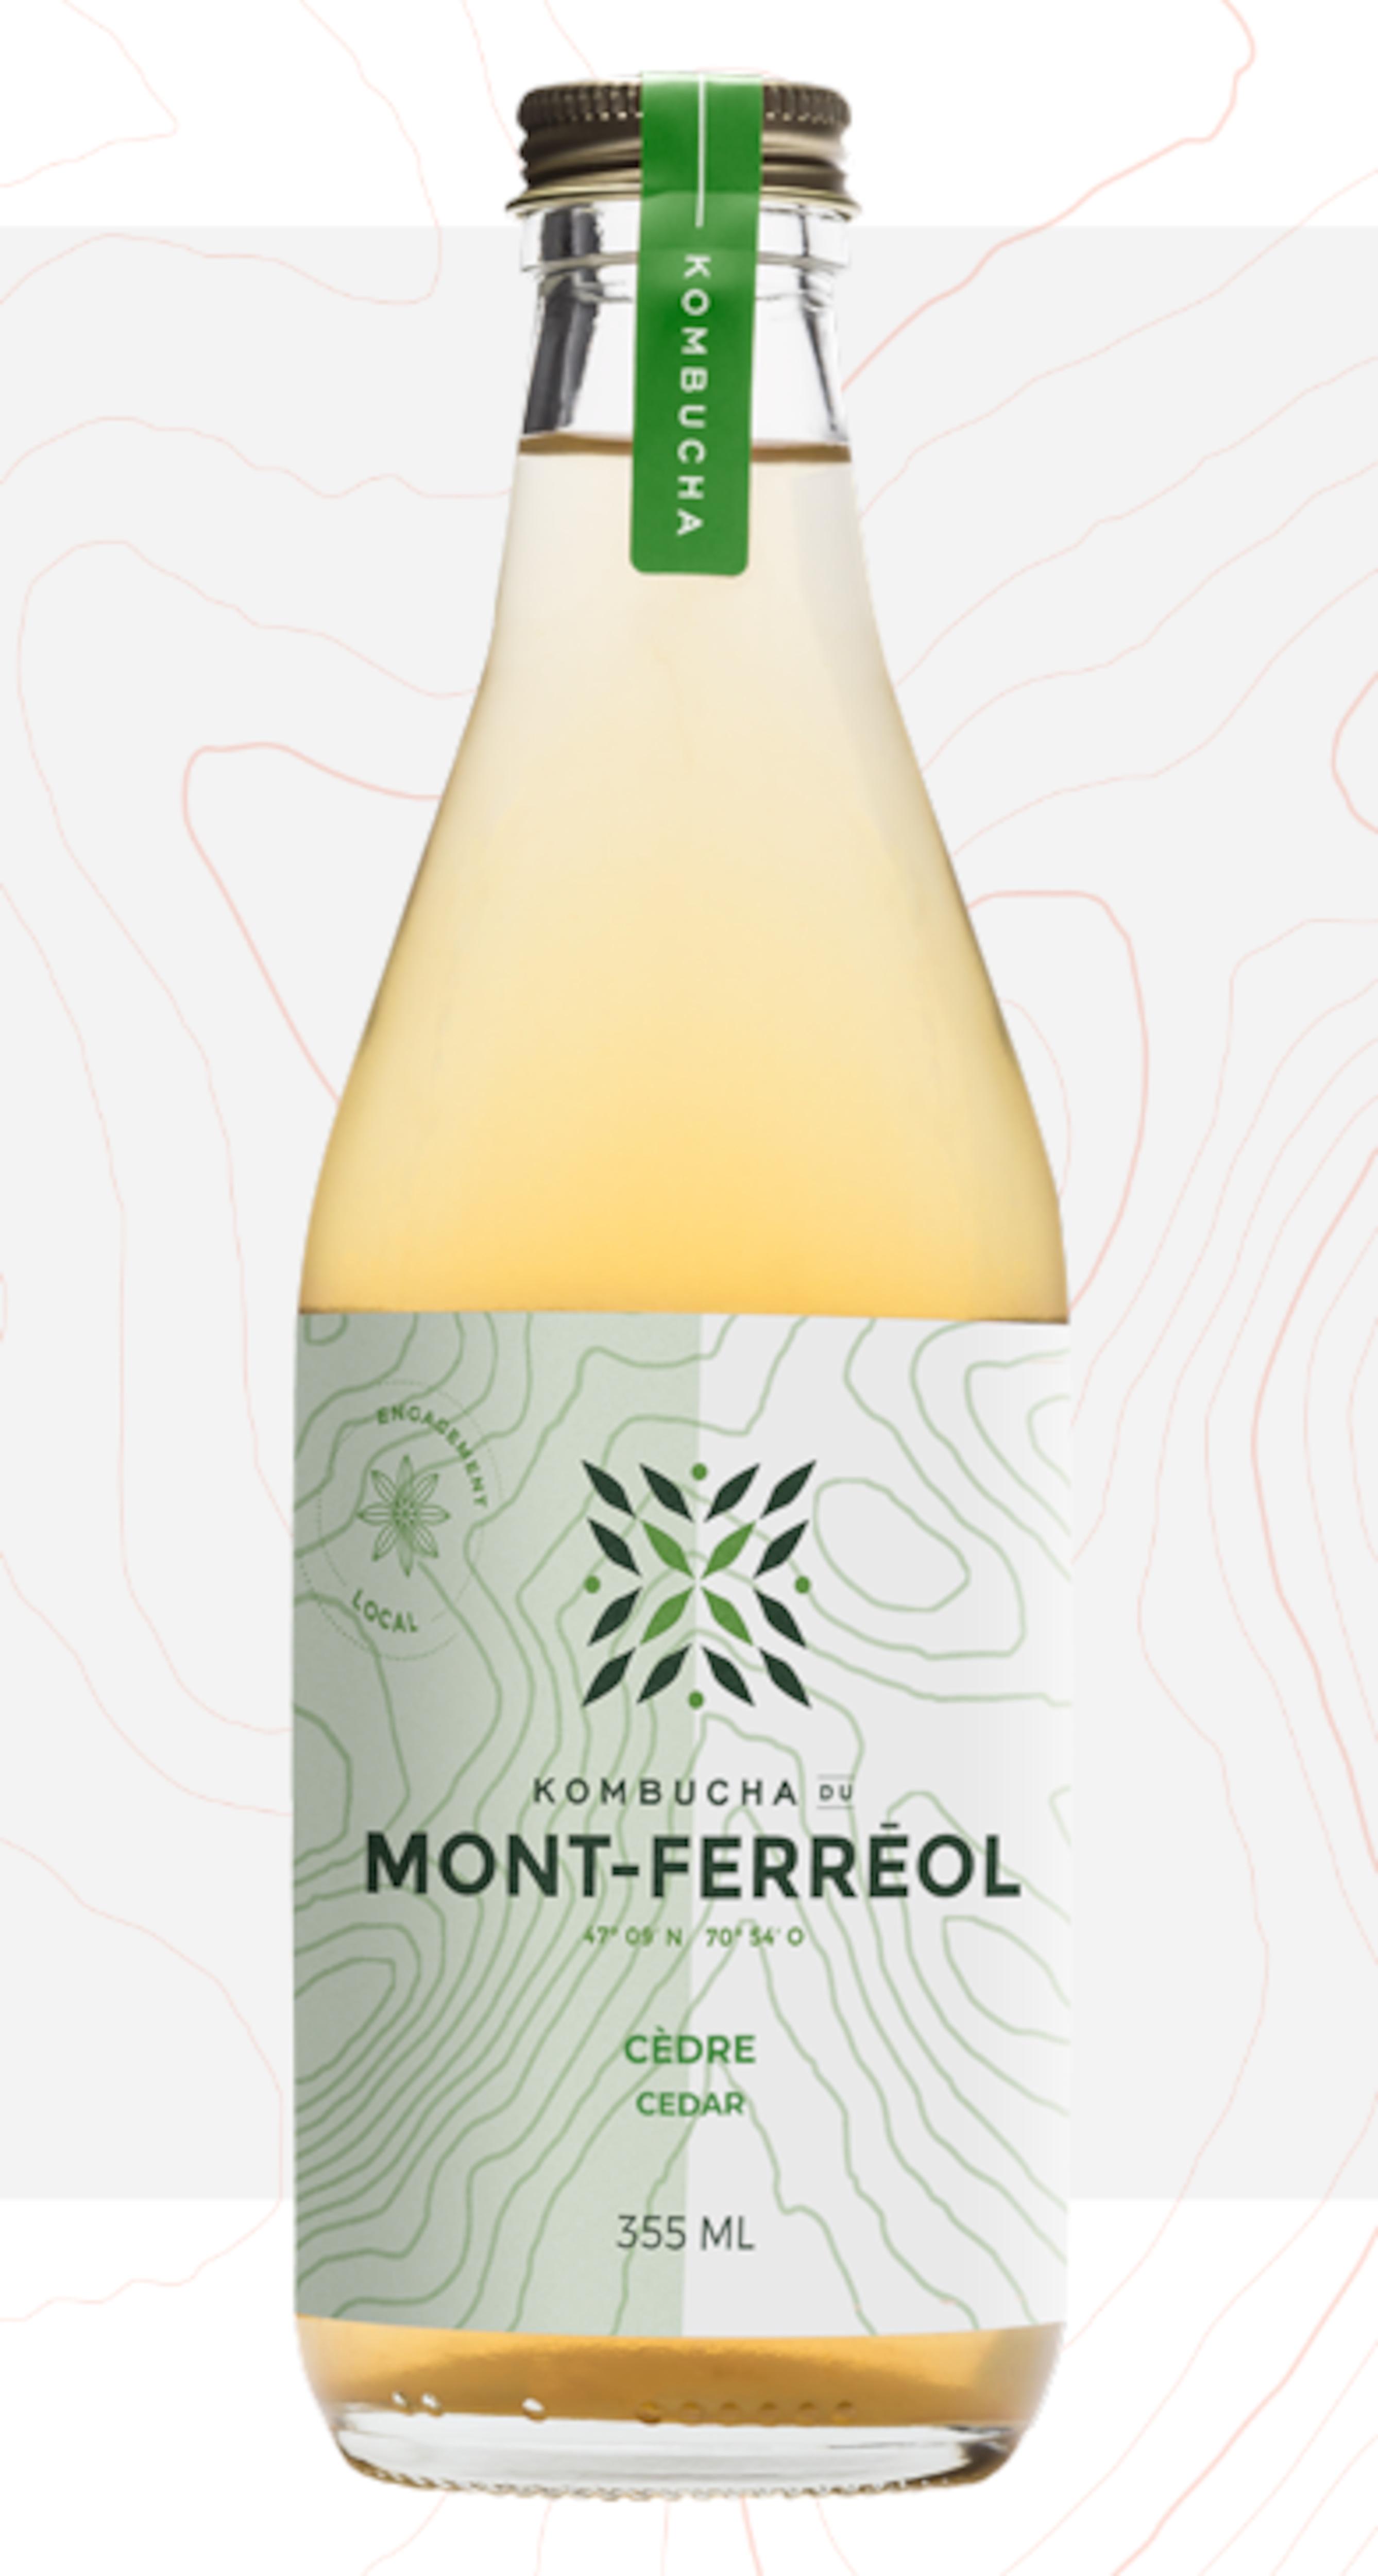 Une bouteille de kombucha.